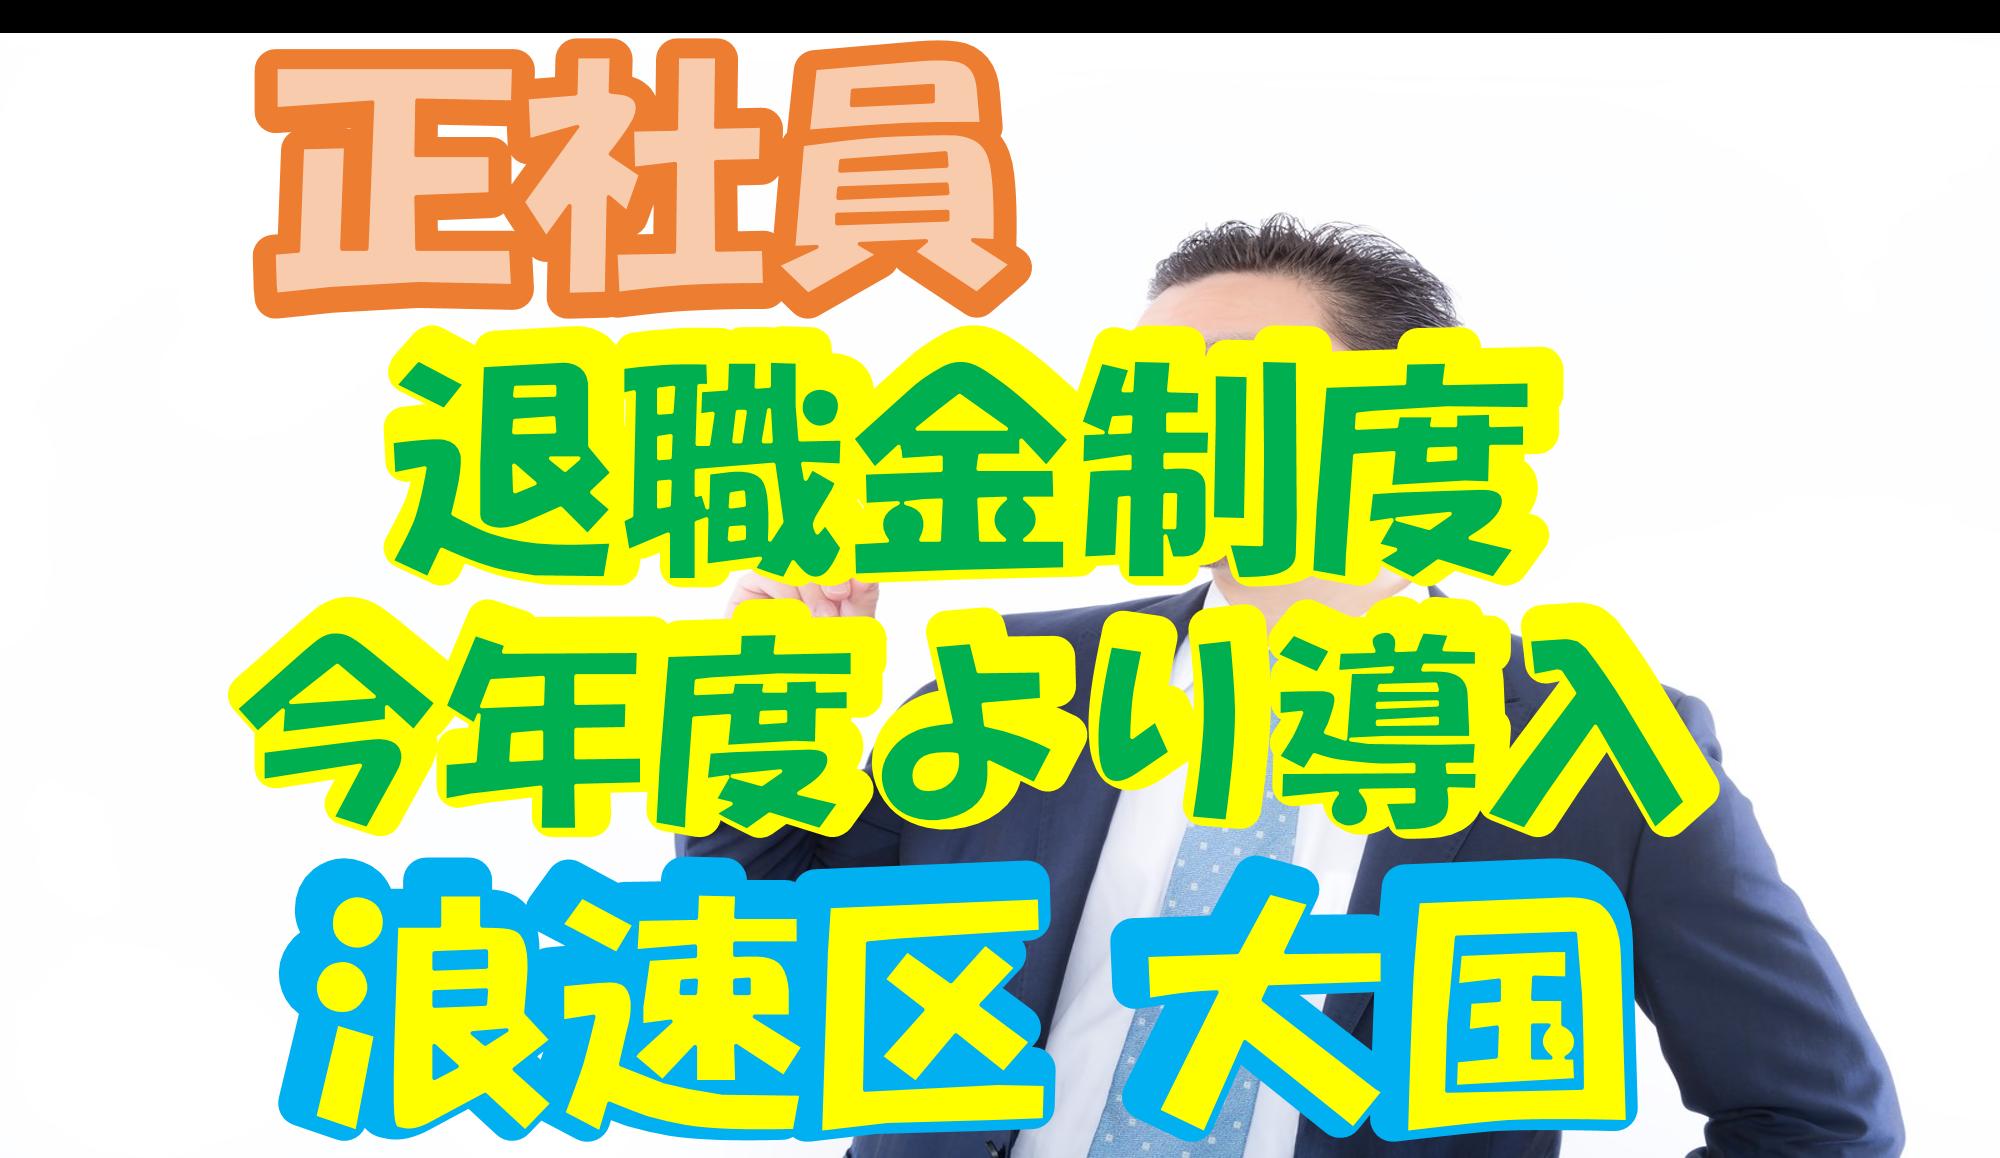 【大阪市浪速区】介護スタッフ(正社員)アクセス良好で通いやすい♪うれしい待遇充実の施設★s-oonw-h1-kyo イメージ